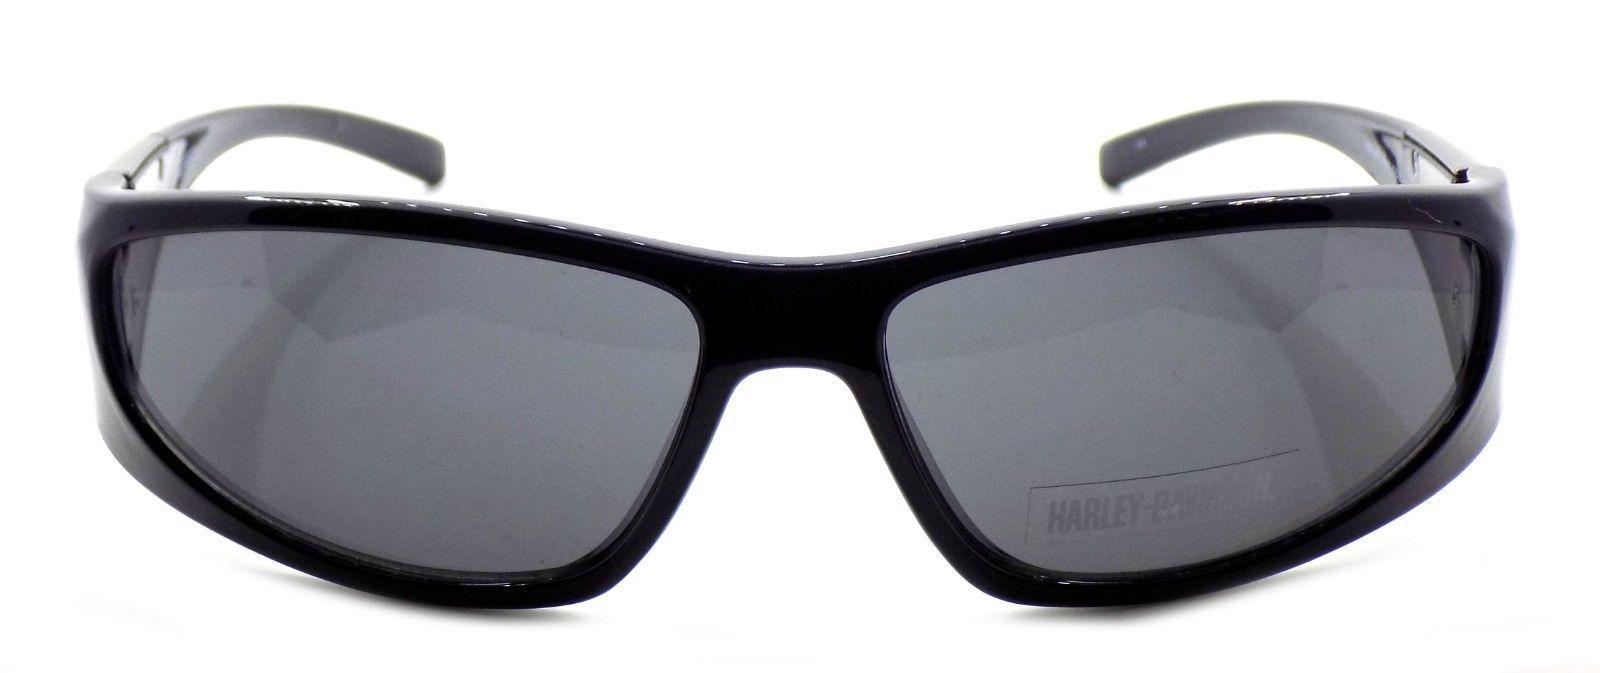 Harley Davidson HDX871 NV Wraparound Sunglasses Navy Blue 63-15-130 Smoke + CASE